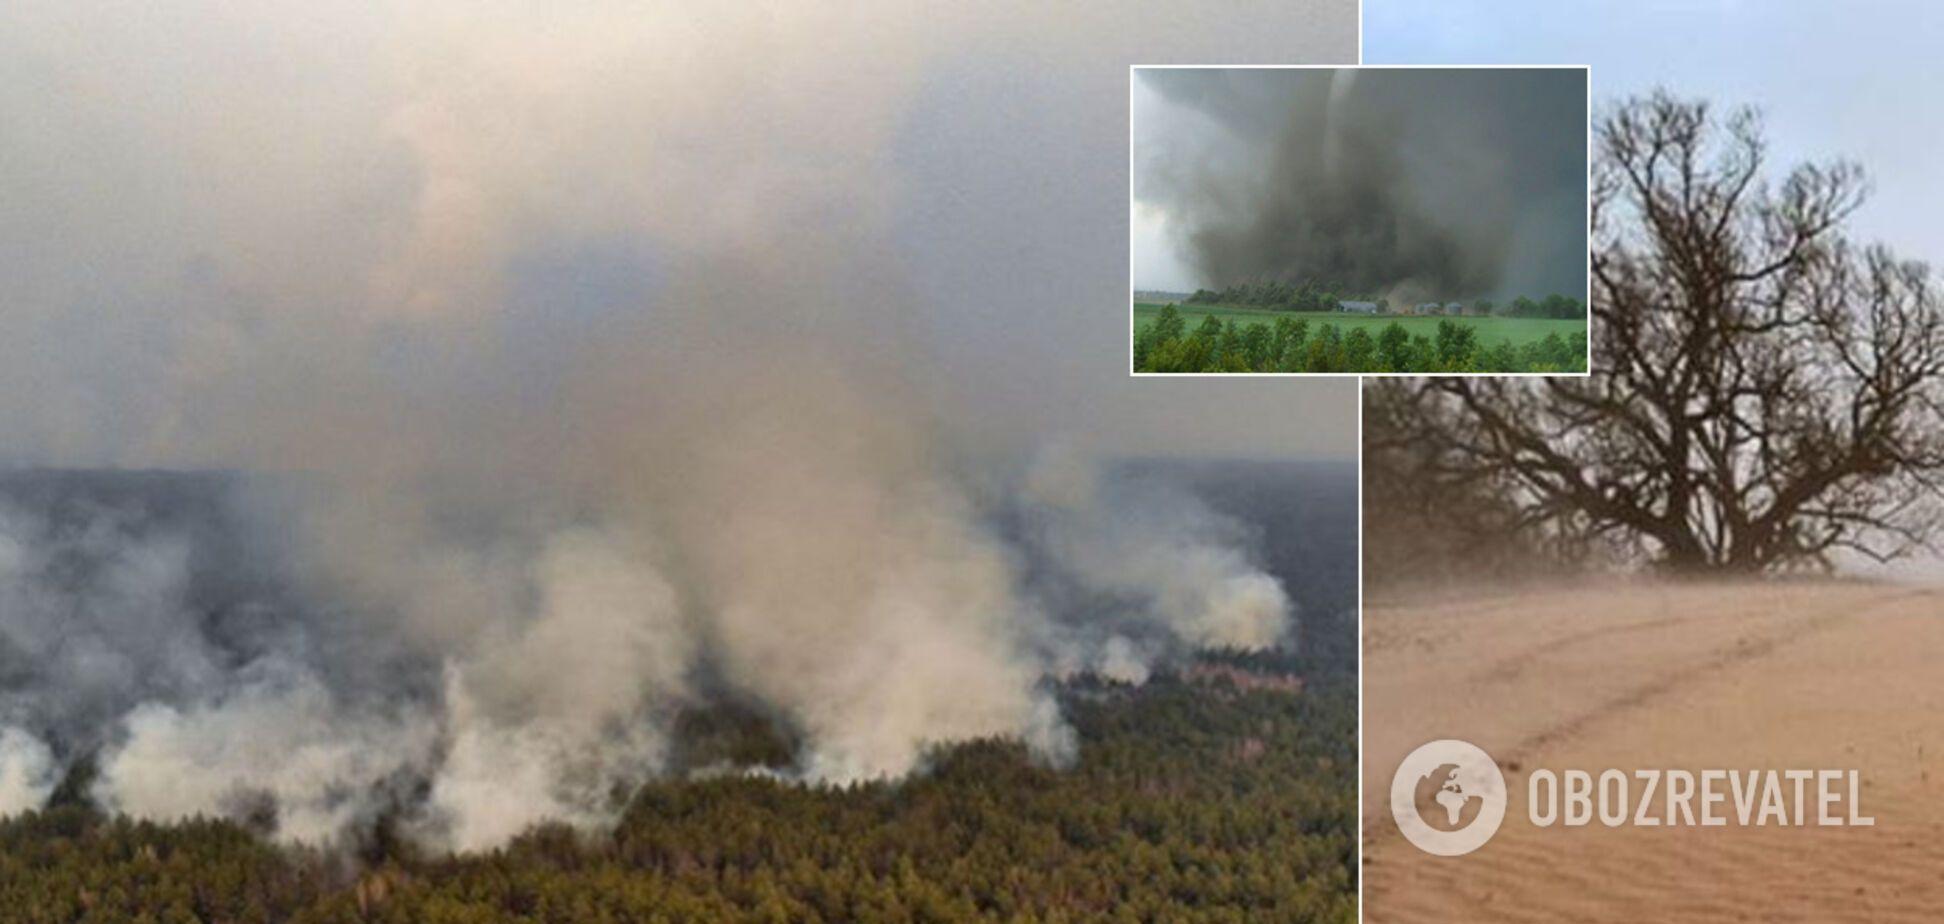 О пальмах, двойном урожае, пустыне и бурях в Украине. Интервью с синоптиком об аномалиях погоды